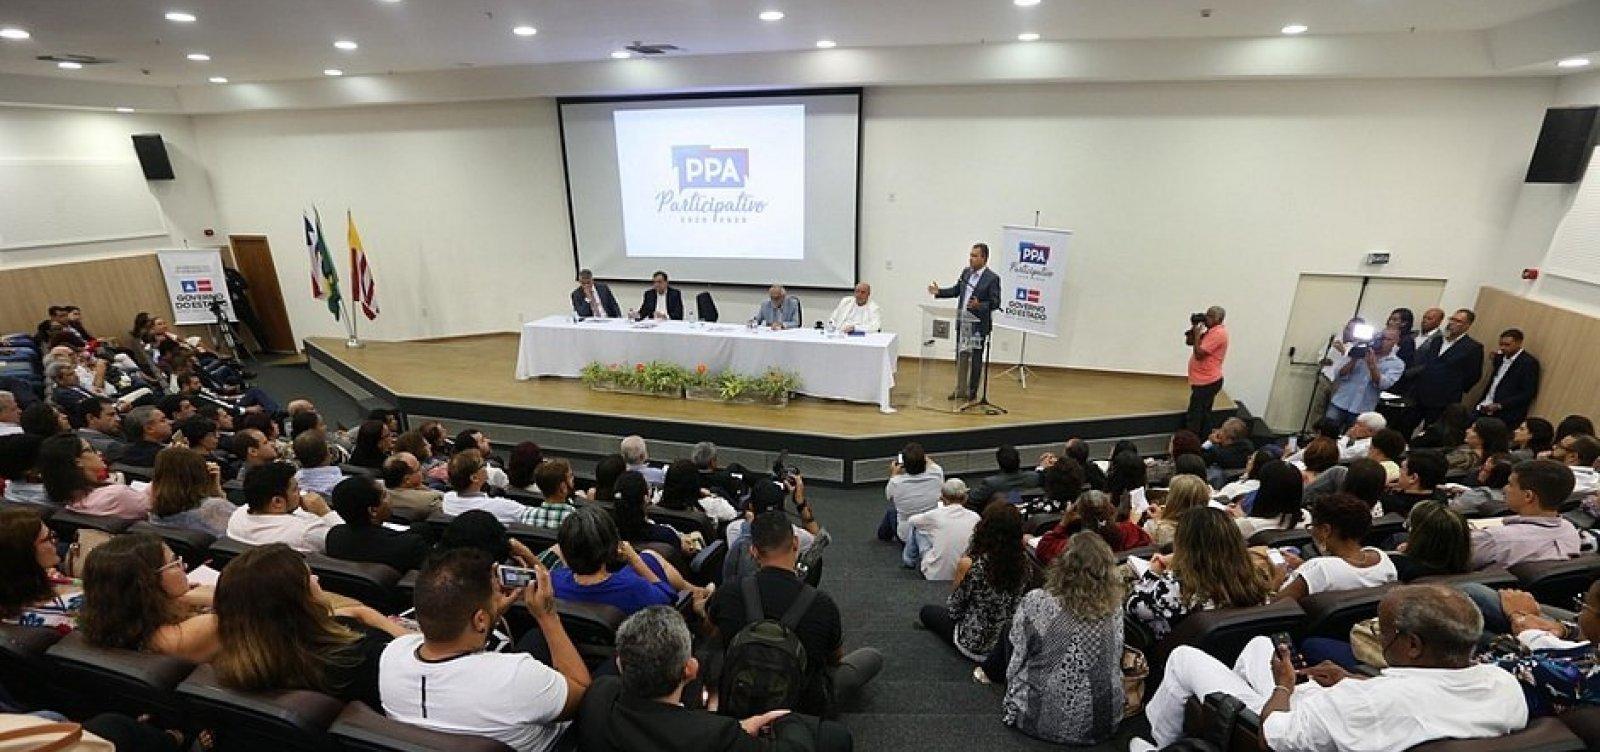 [Plano que vai orientar governo da Bahia nos próximos quatro anos é lançado]